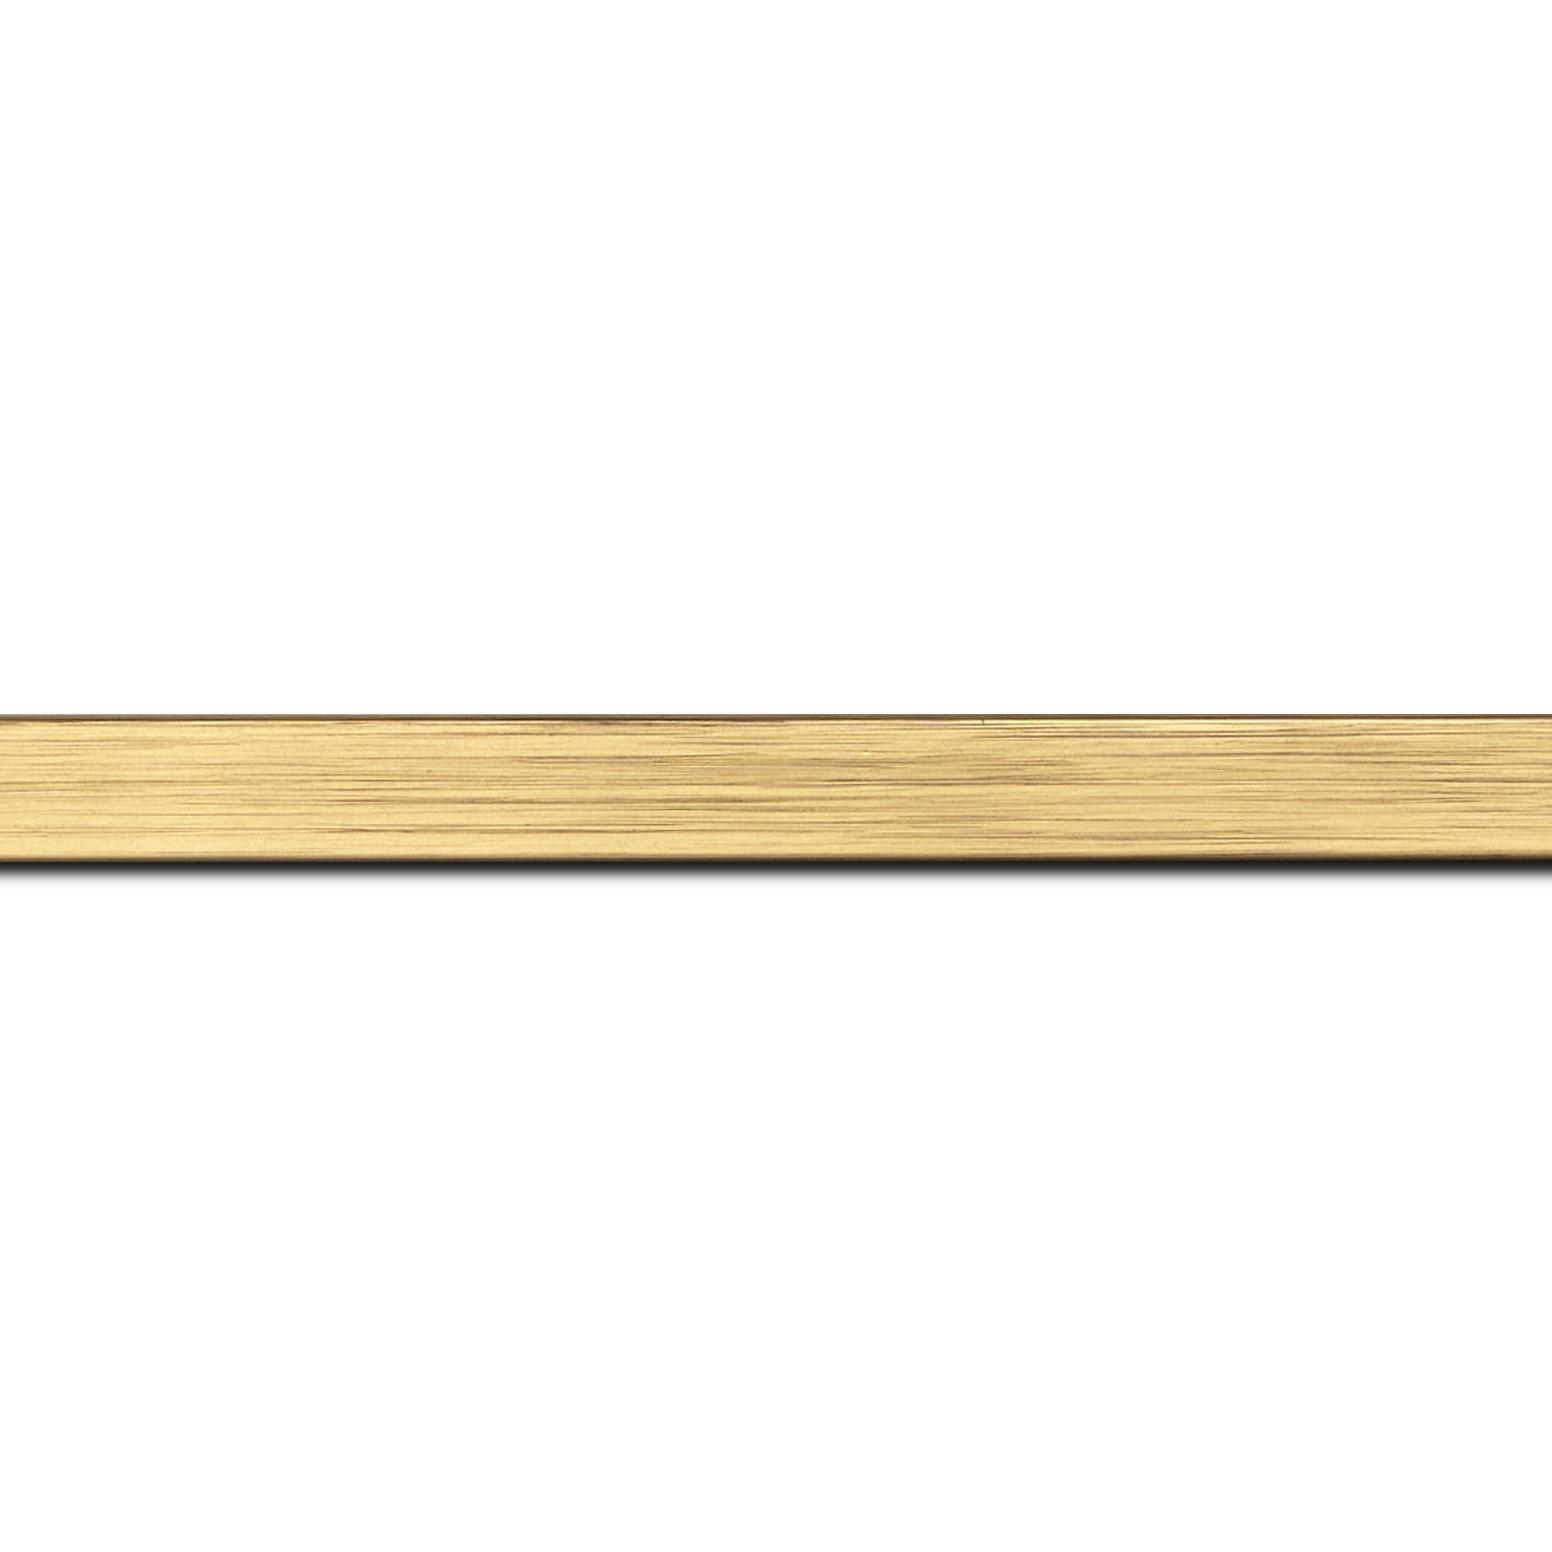 Baguette longueur 1.40m bois profil plat largeur 1.5cm couleur or